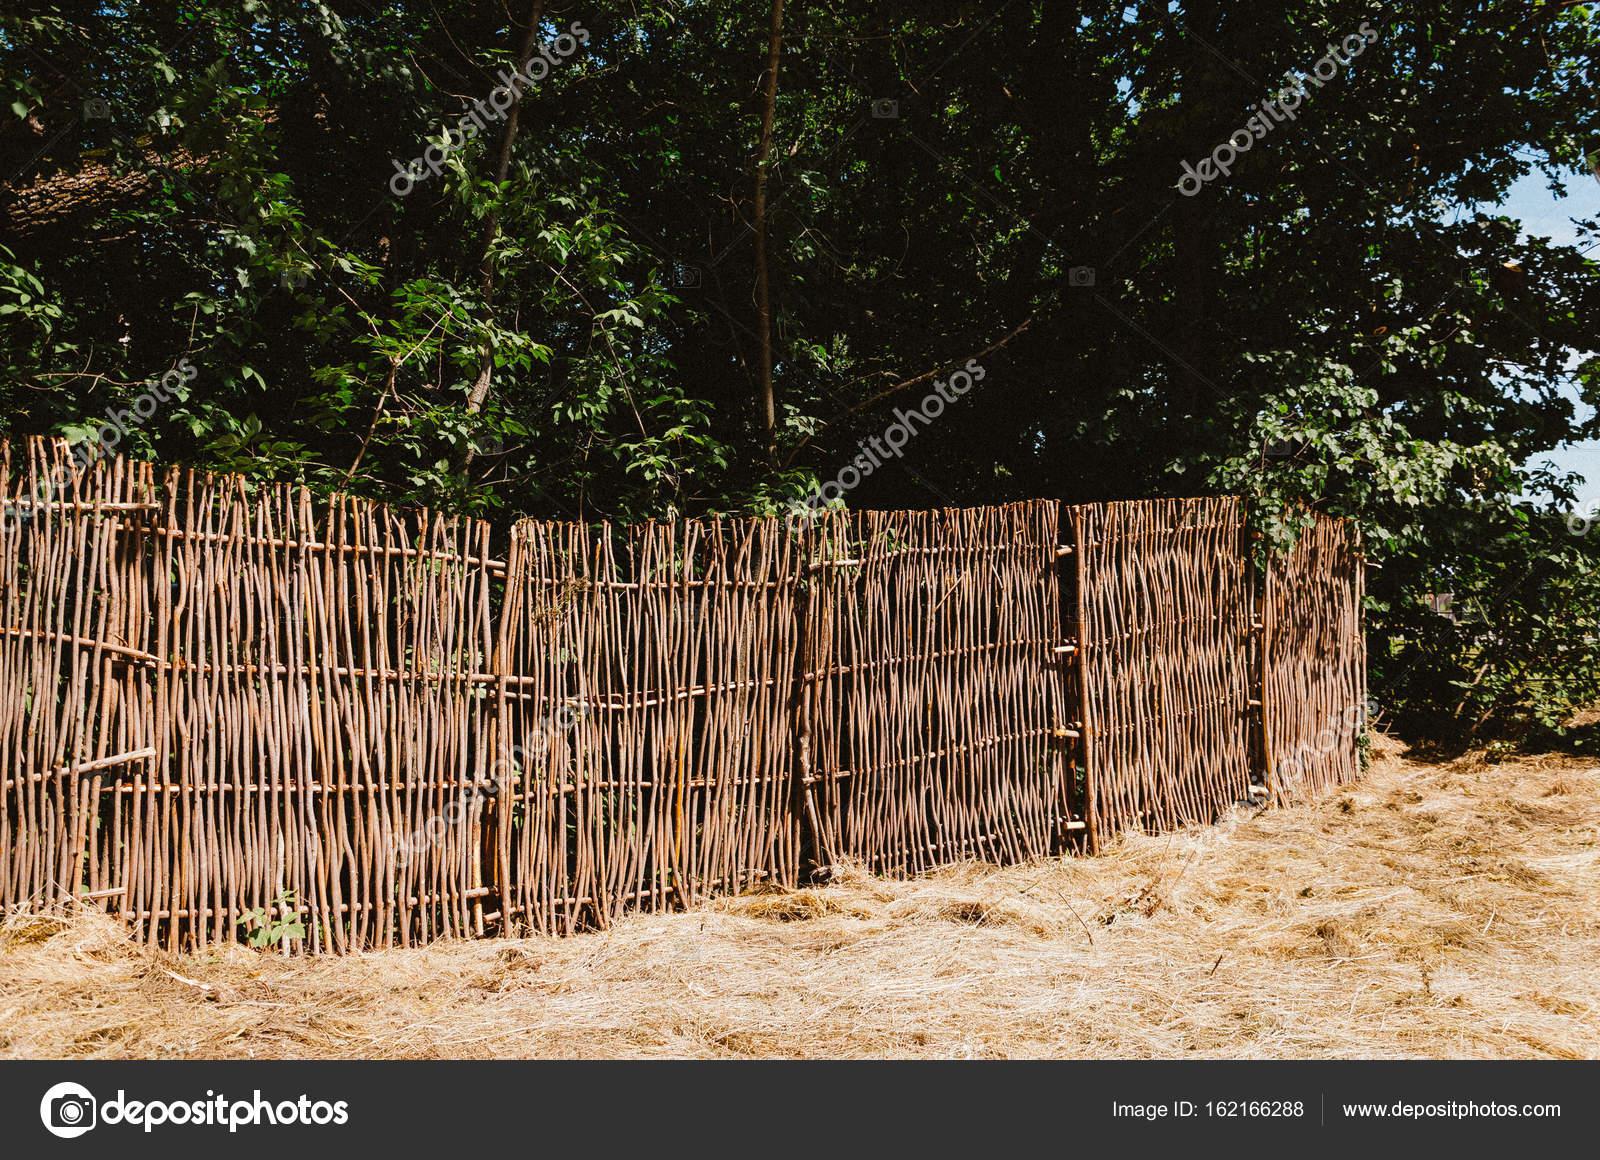 Gemeinsame Wicker Zweige Zaun mit denen das Haus umgeben ist. Vor dem &ST_94